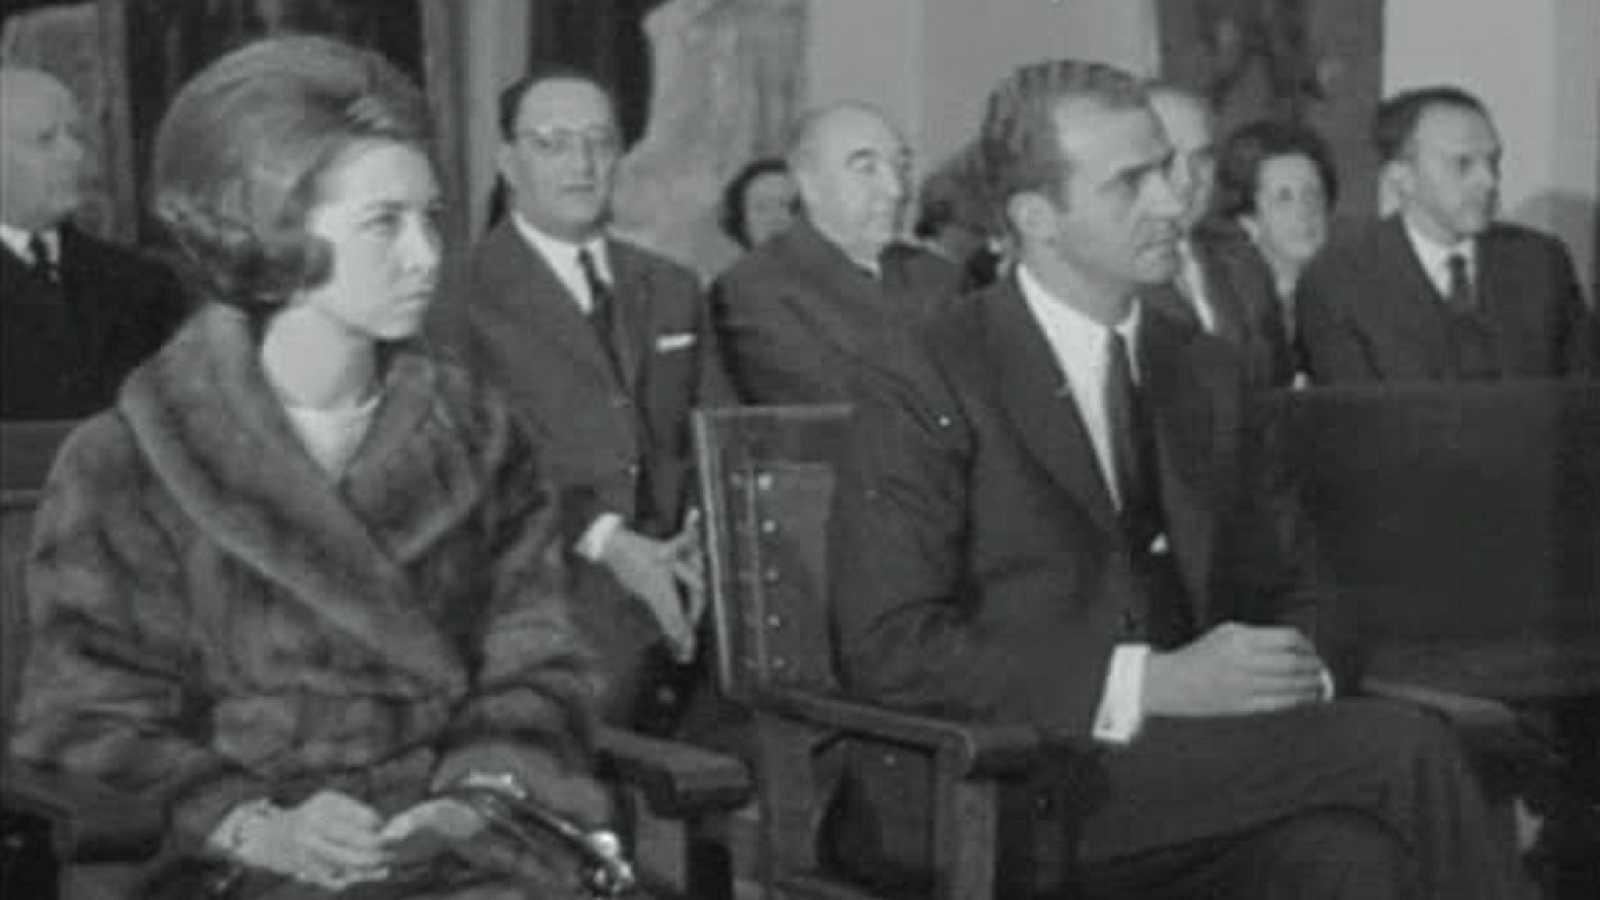 Noticias Nacional 1969 - Los príncipes en el 150 aniversario de El Prado